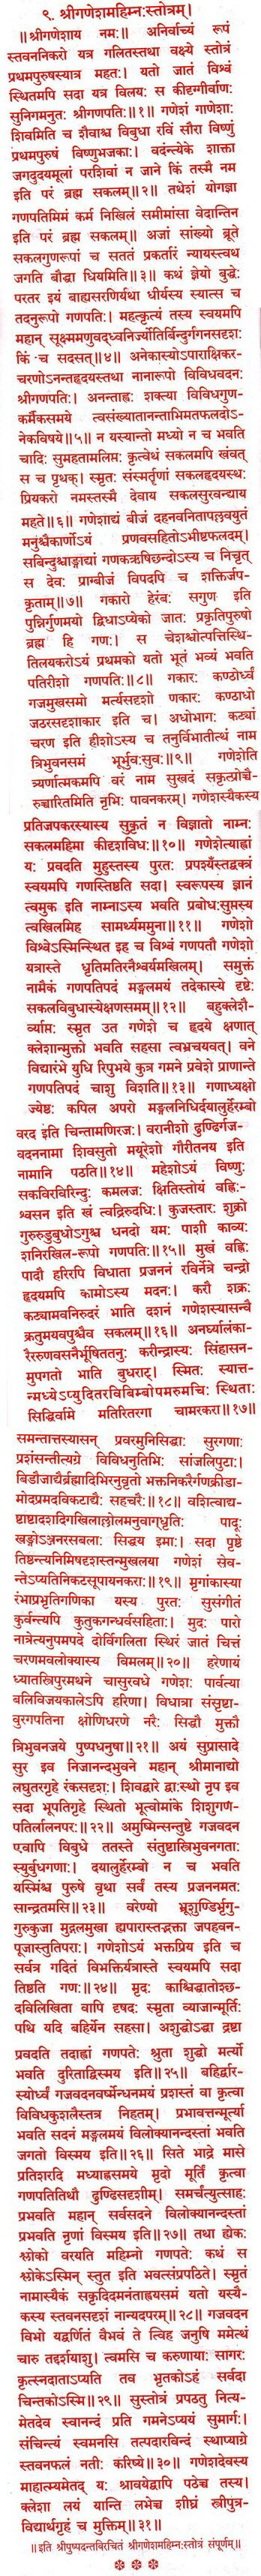 009 - Pushpadanta Ganeshmahimna stotram